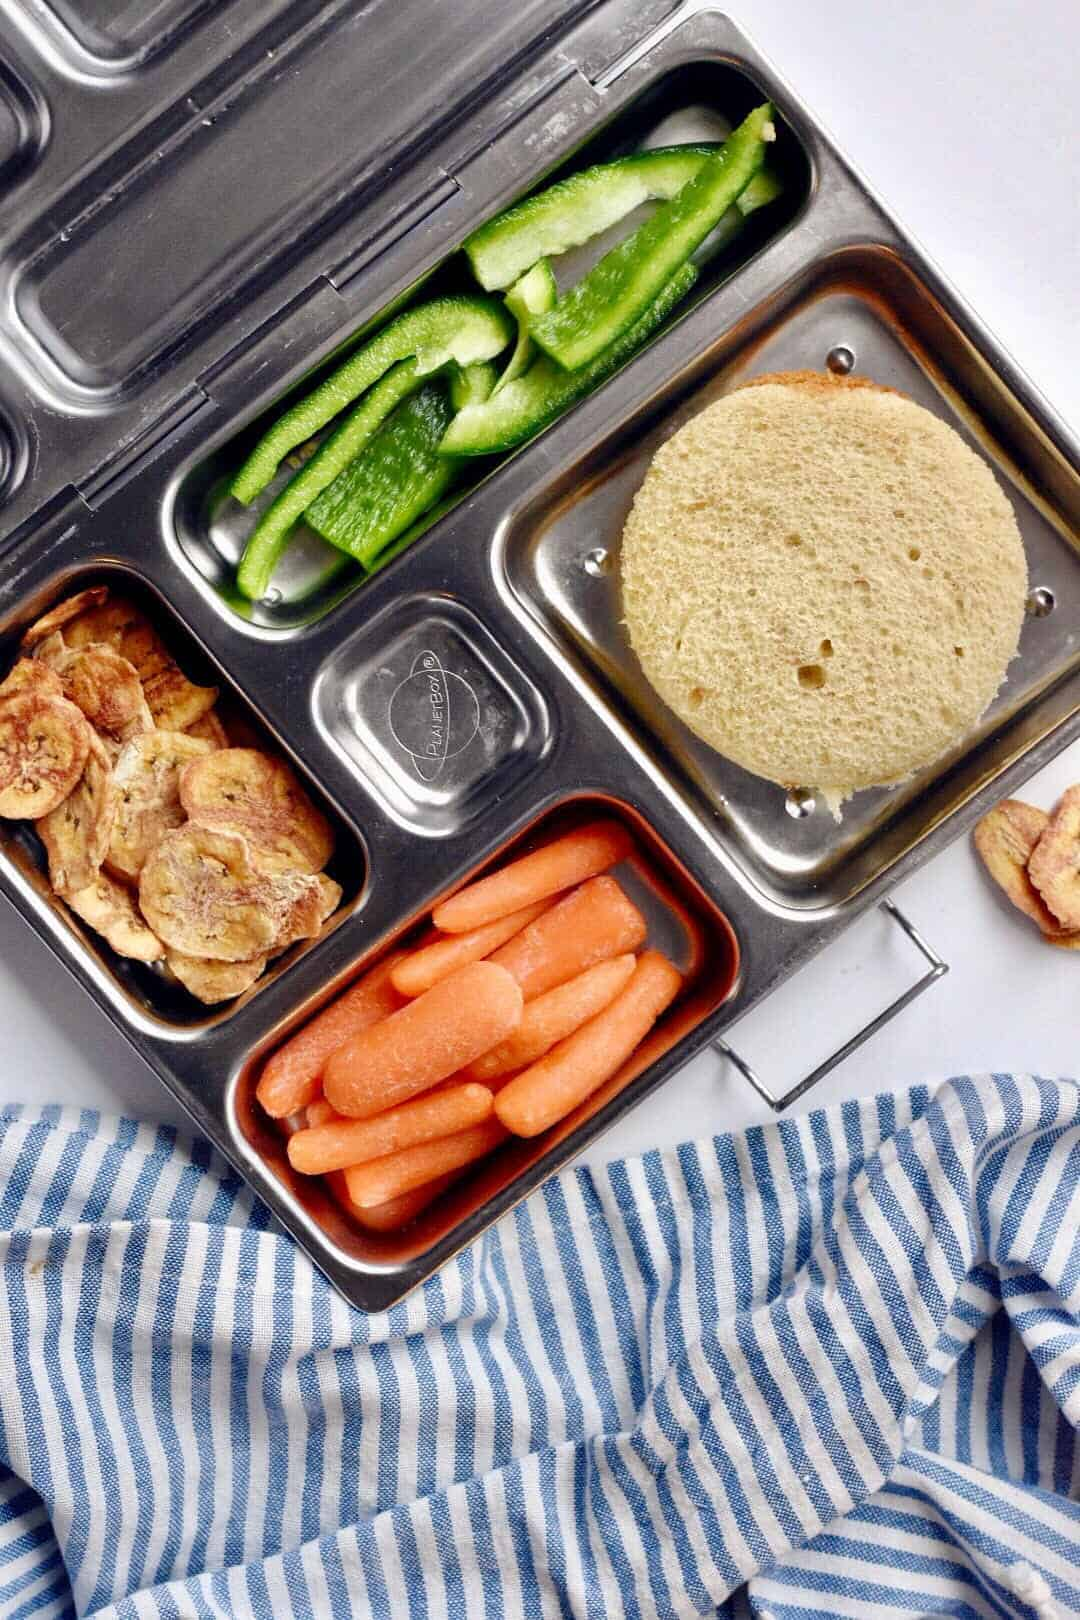 3 Healthy Kid Lunch Box Ideas | Healthy Kid Lunches, Healthy Lunch Box Ideas, Kids Lunch Ideas, Lunch Box Ideas, Quick Lunch Box Ideas, Easy Lunch Box Ideas #healthykidlunchideas #healthylunchboxideas #quicklunchboxideas || The Butter Half via @thebutterhalf